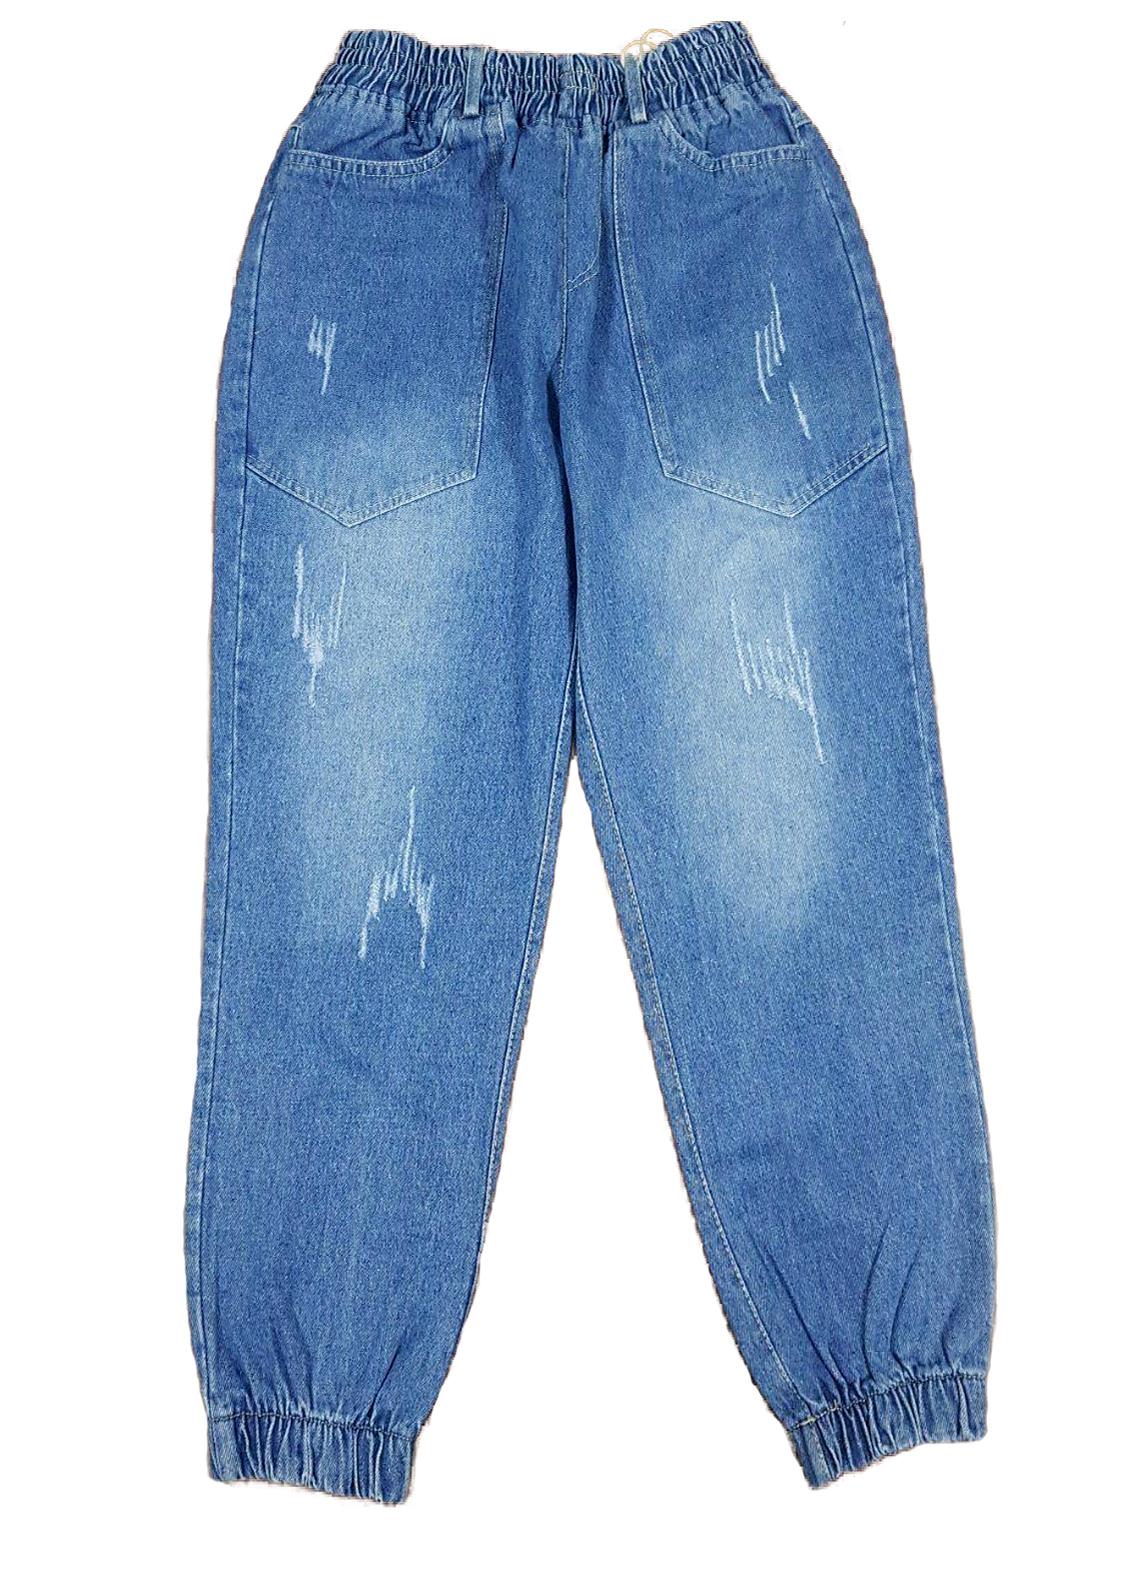 quần jean nữ baggy lưng thun freesize từ 40 - 55kg hàng made in Viet Nam 1